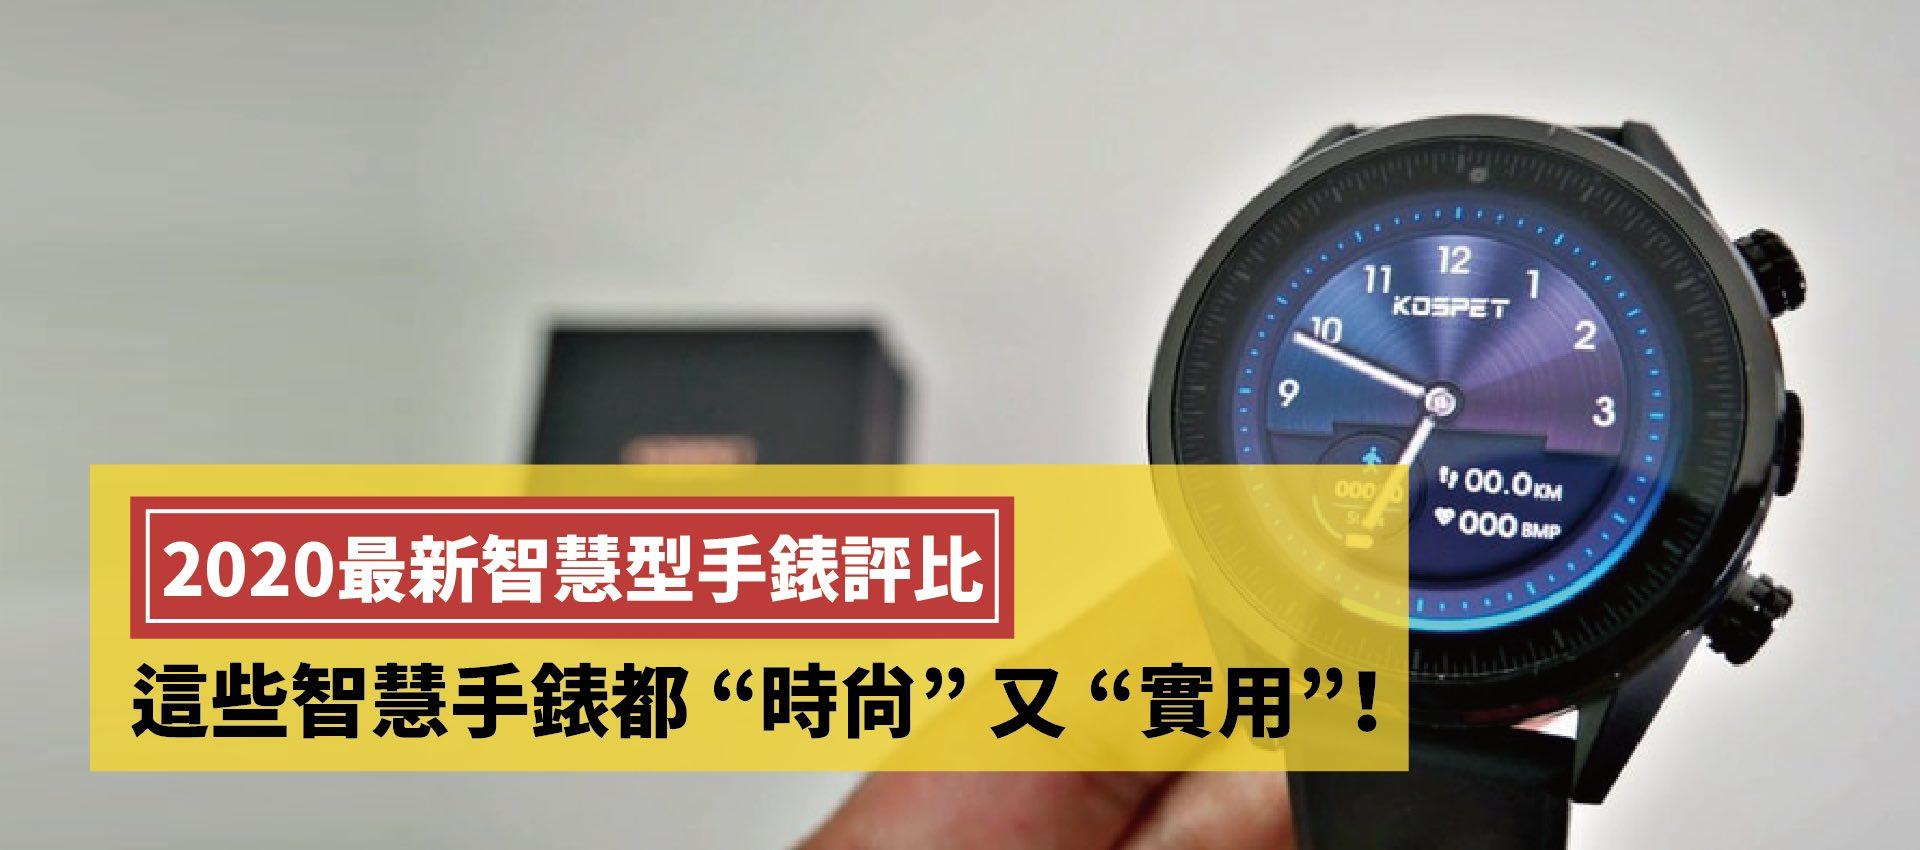 智慧手錶一定要買Apple Watch?來看2020網友推薦的智慧型手錶吧